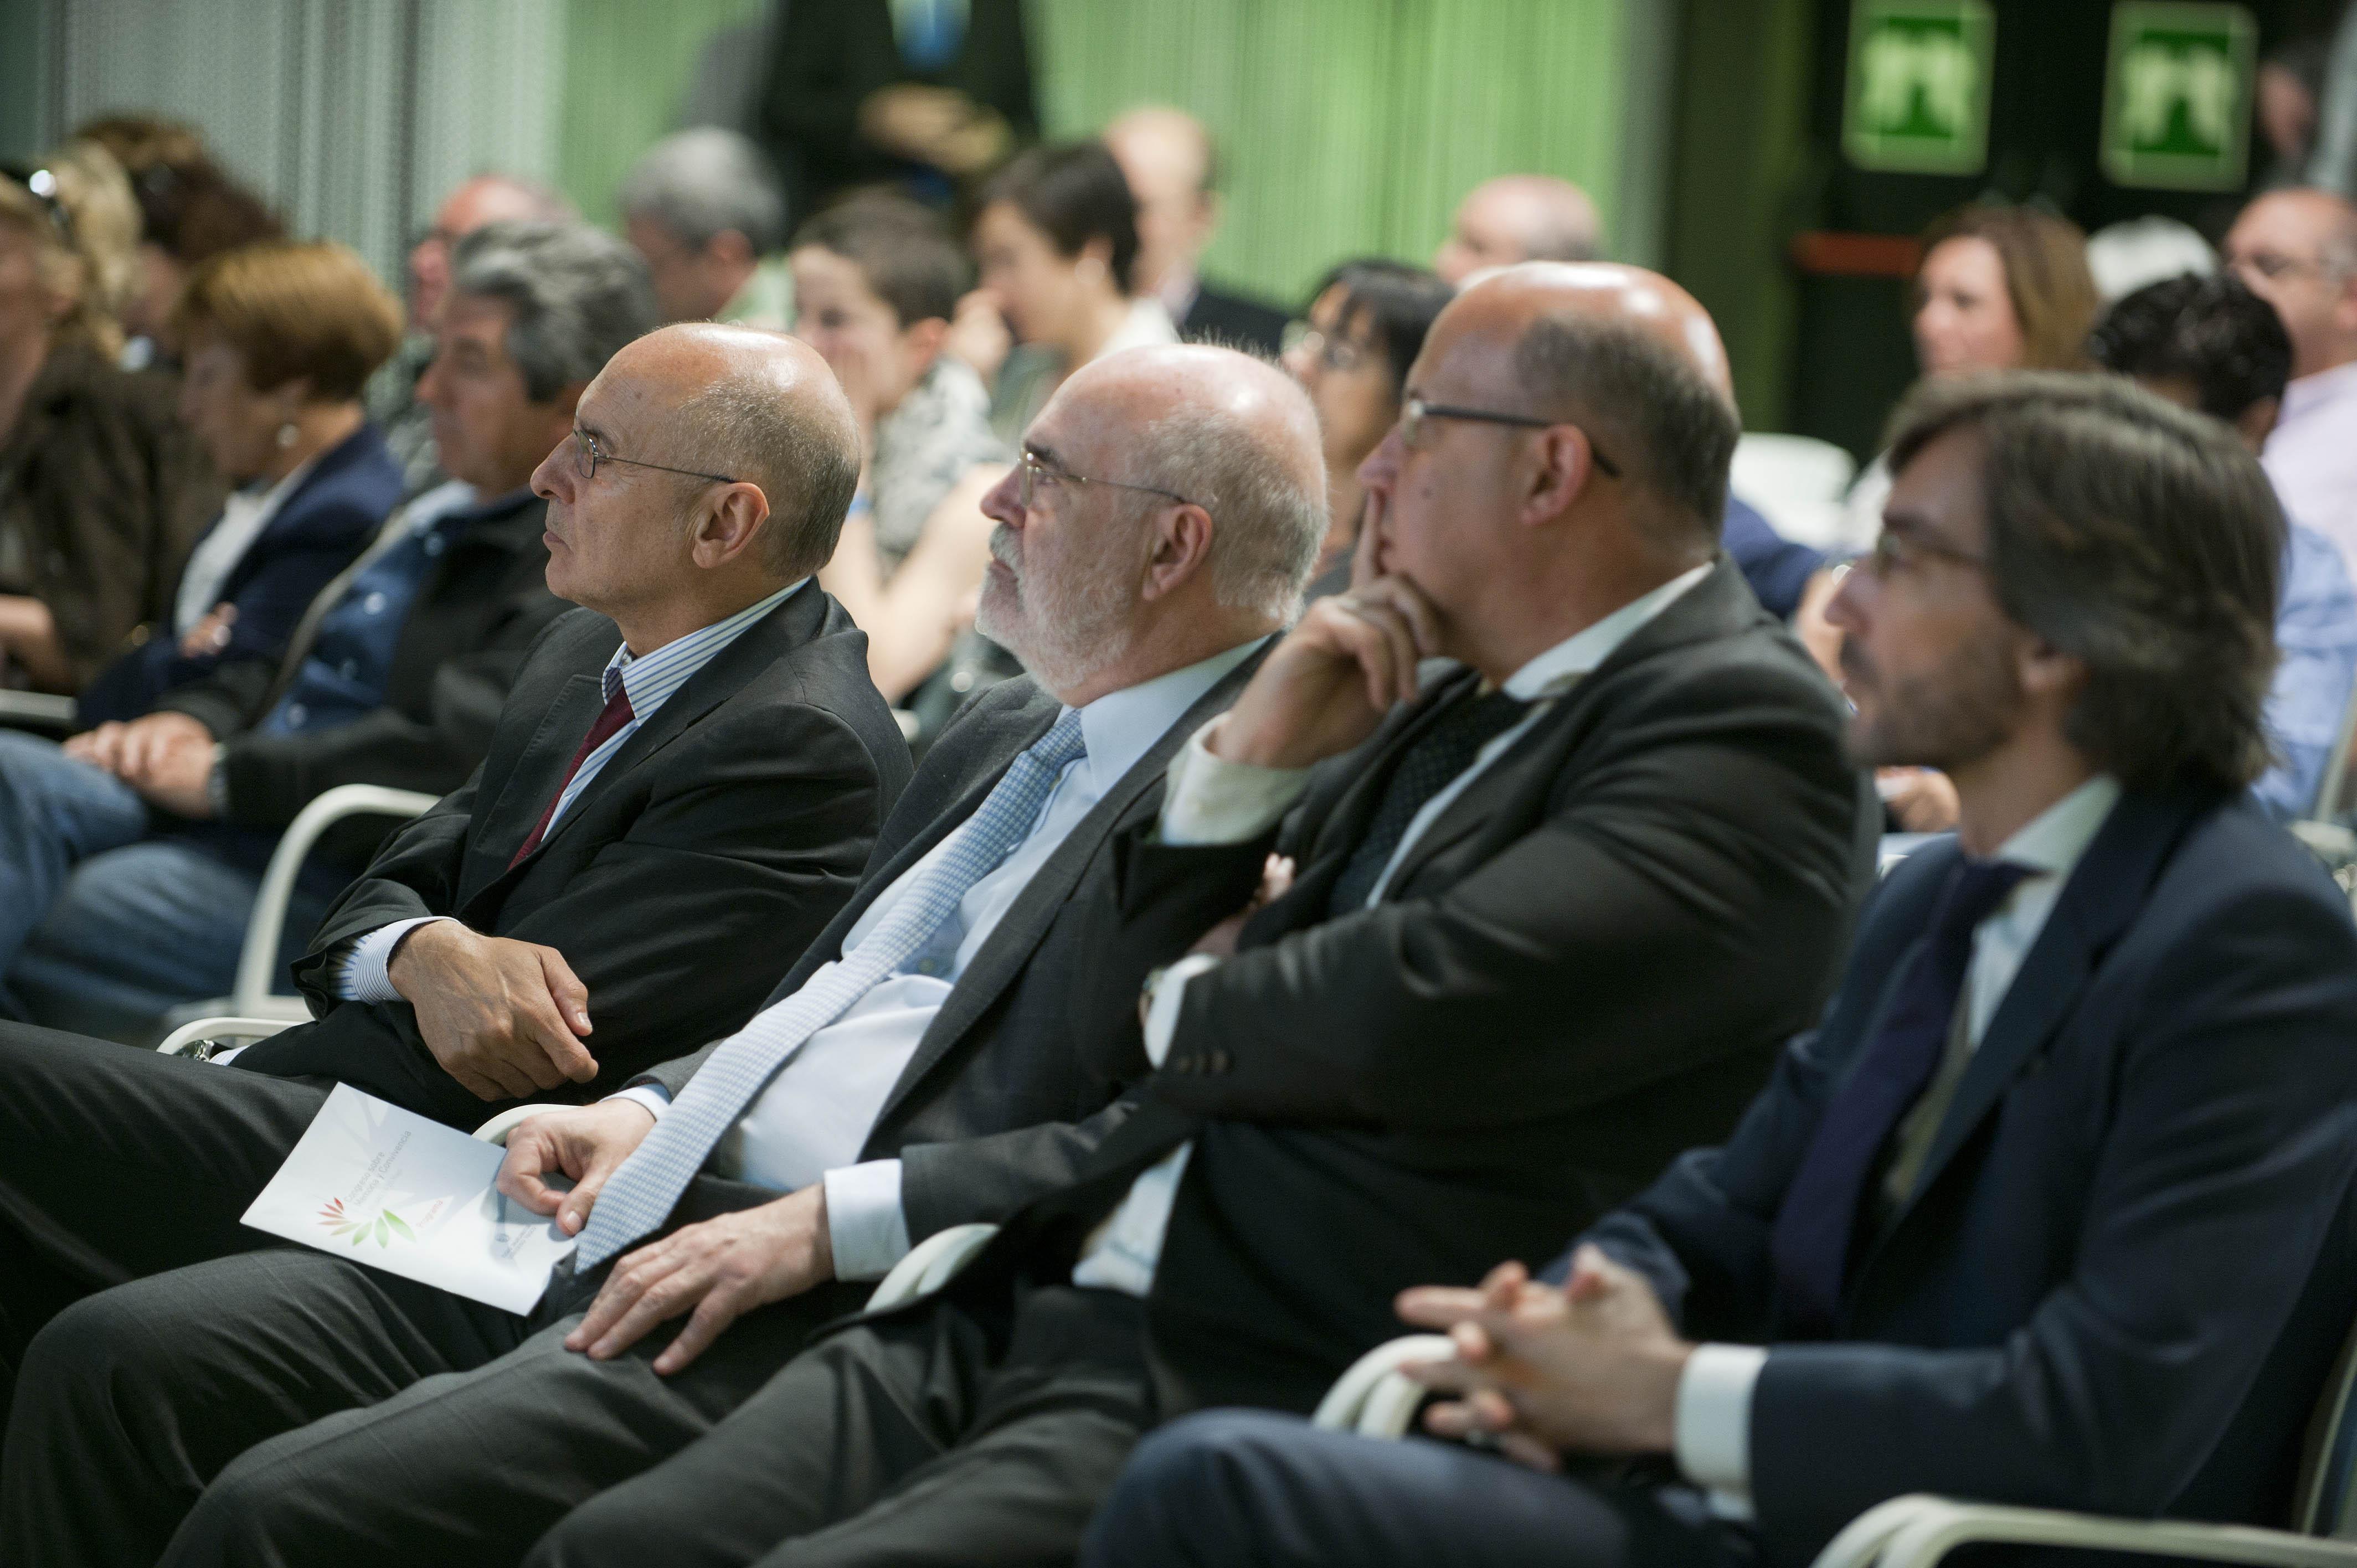 2012_05_15_congreso_memoria_convivencia_22.jpg